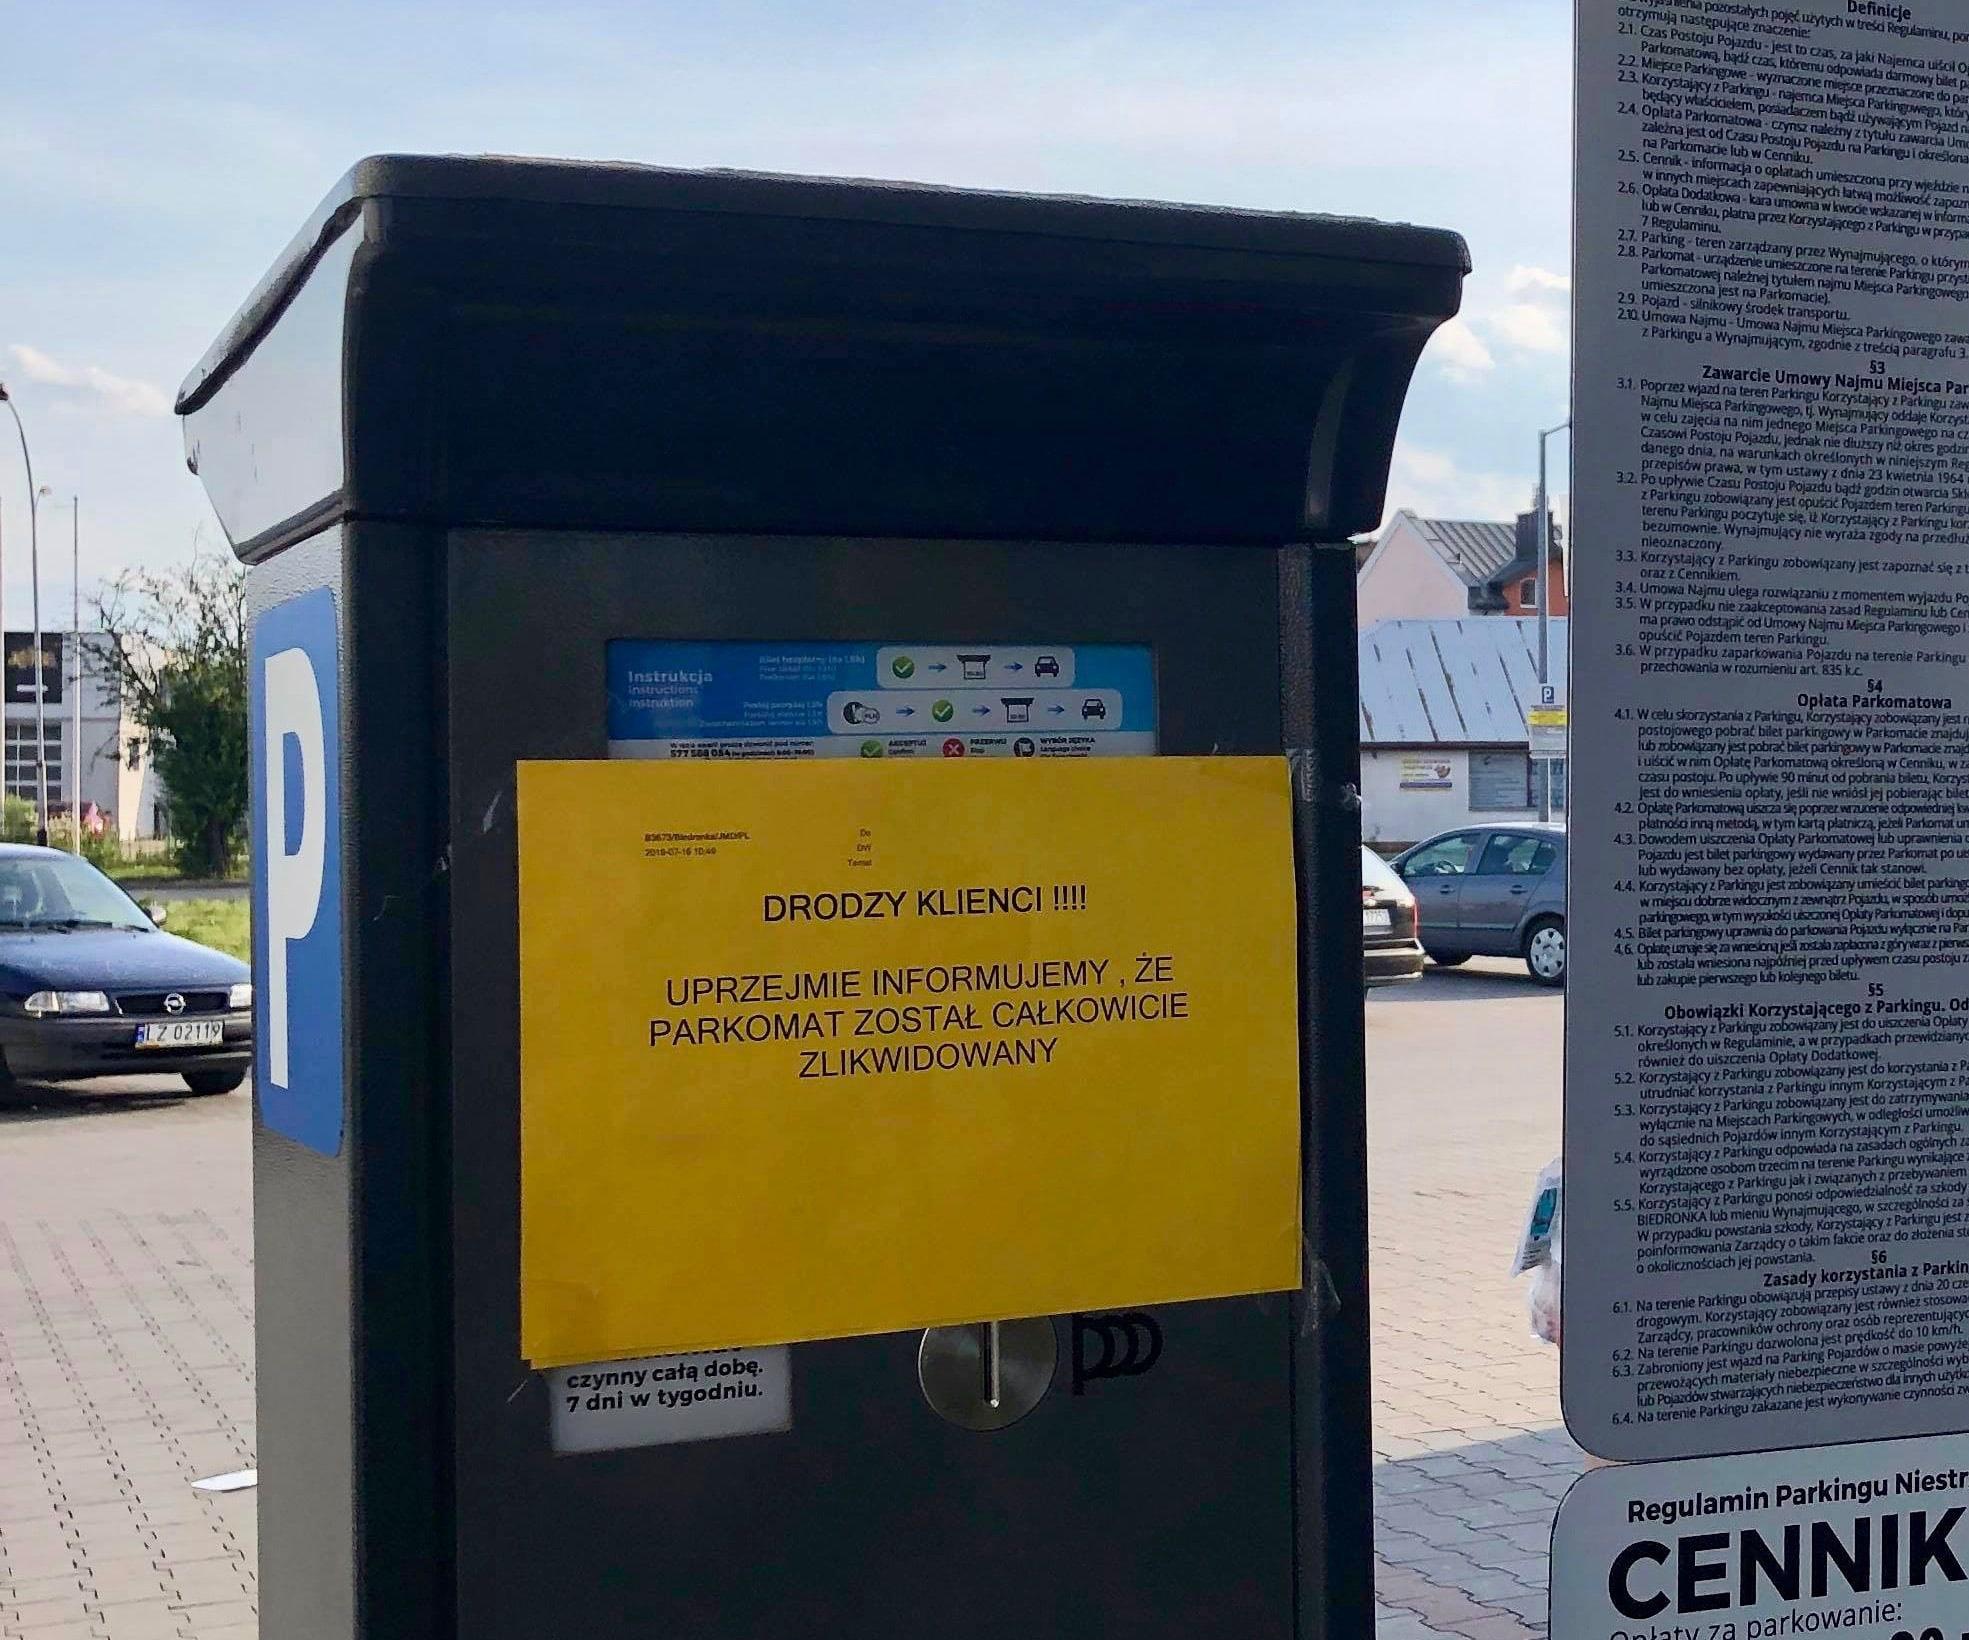 67307831 934922426847451 7982176829622452224 n 2 Koniec kontrowersyjnego parkowania przy Biedronce